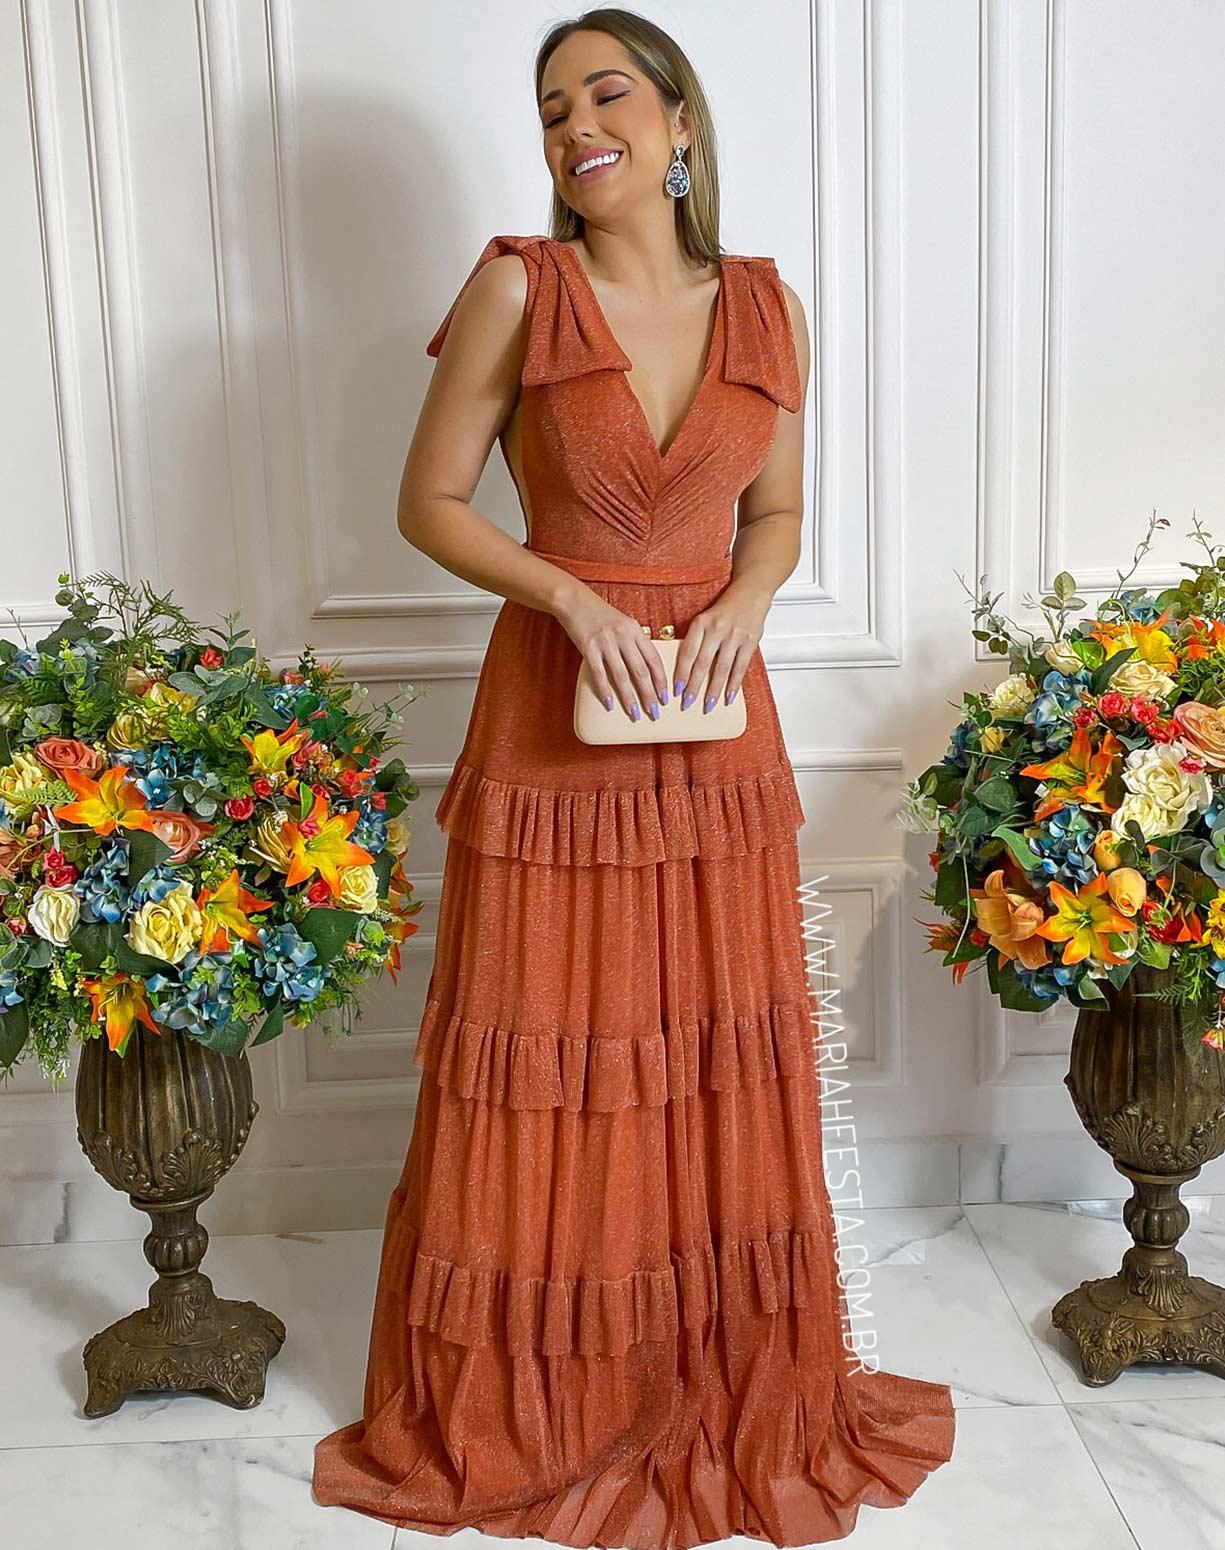 Vestido Terracota em Tule de Lúrex